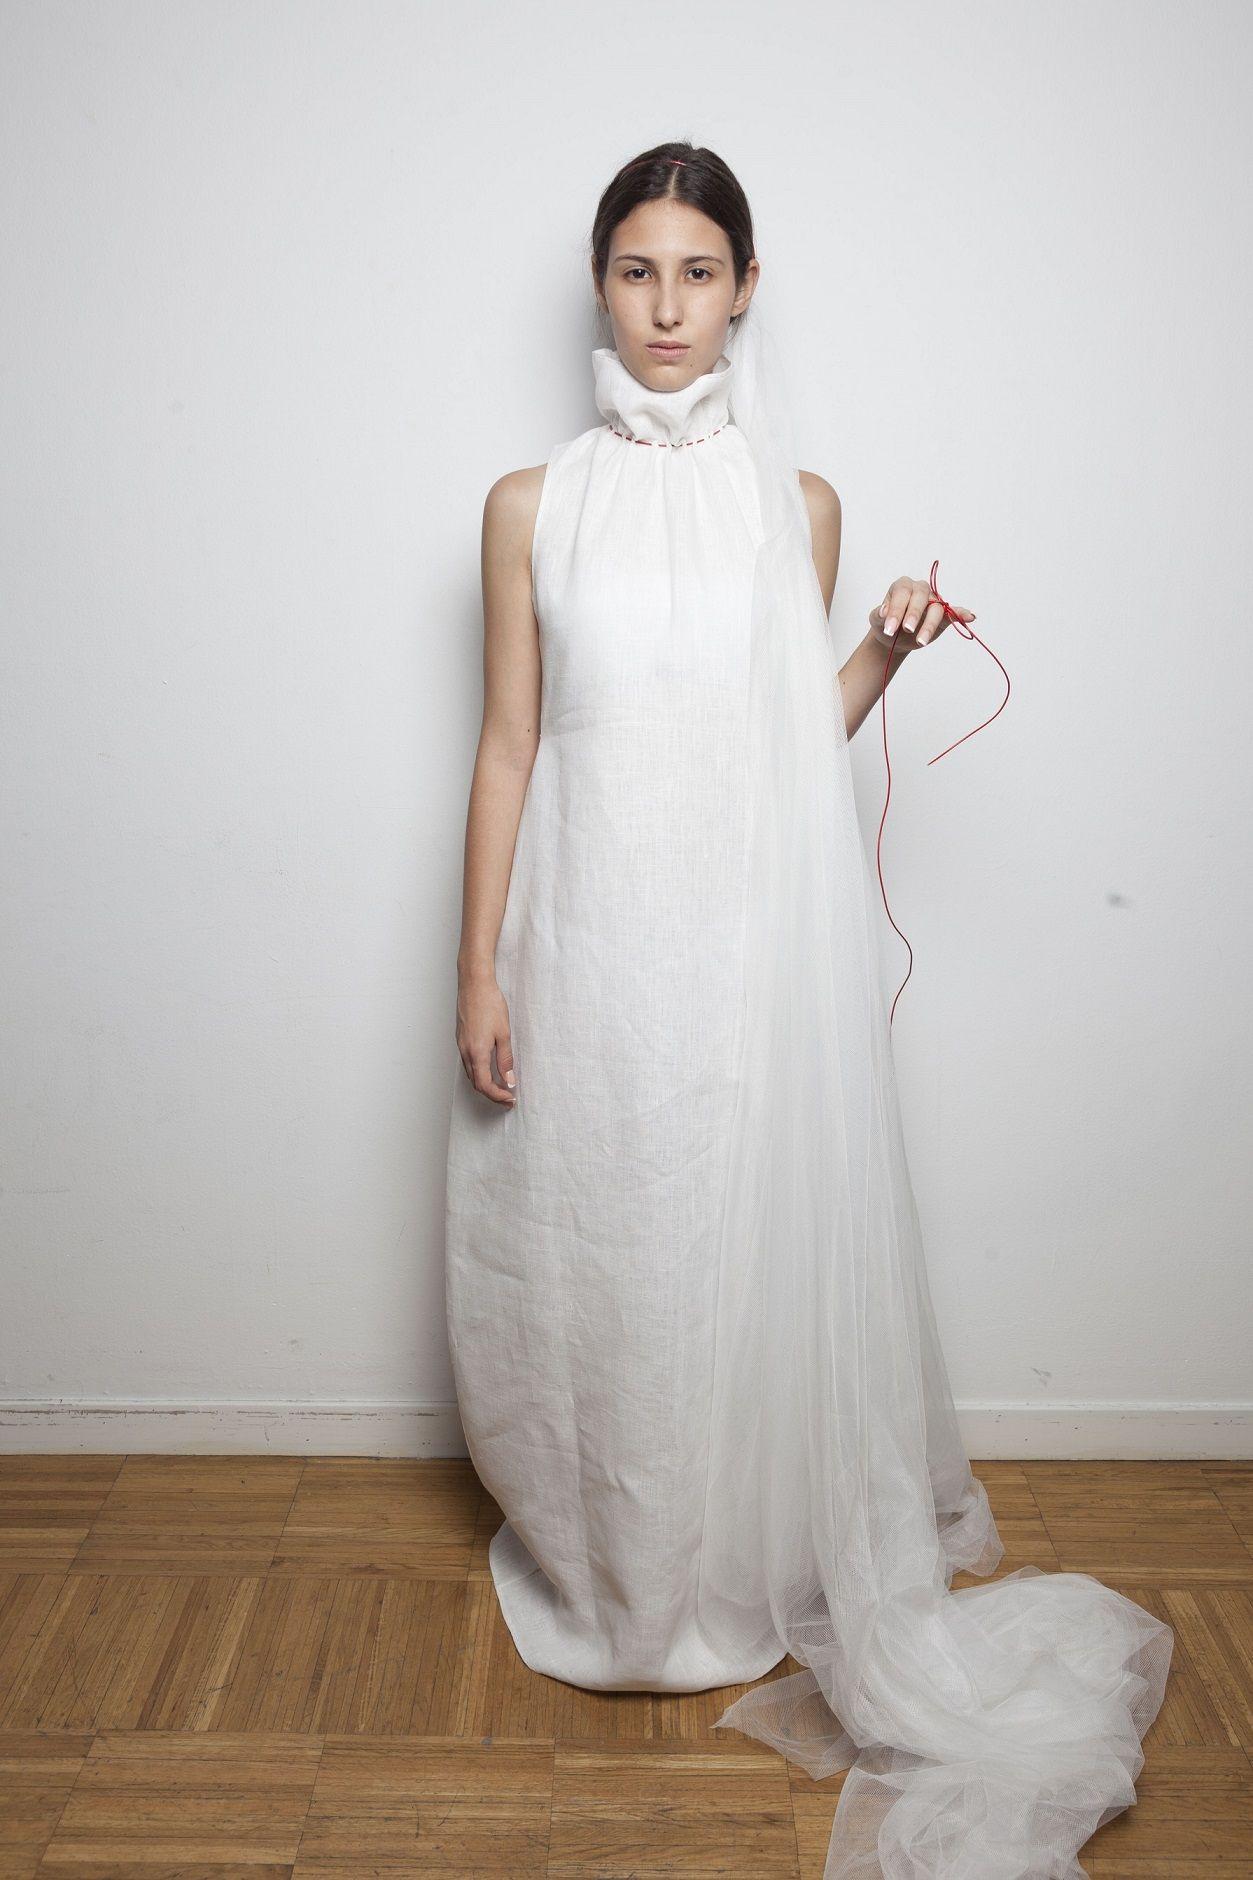 Fotografia Modelo diseñado por la alumna María Arce